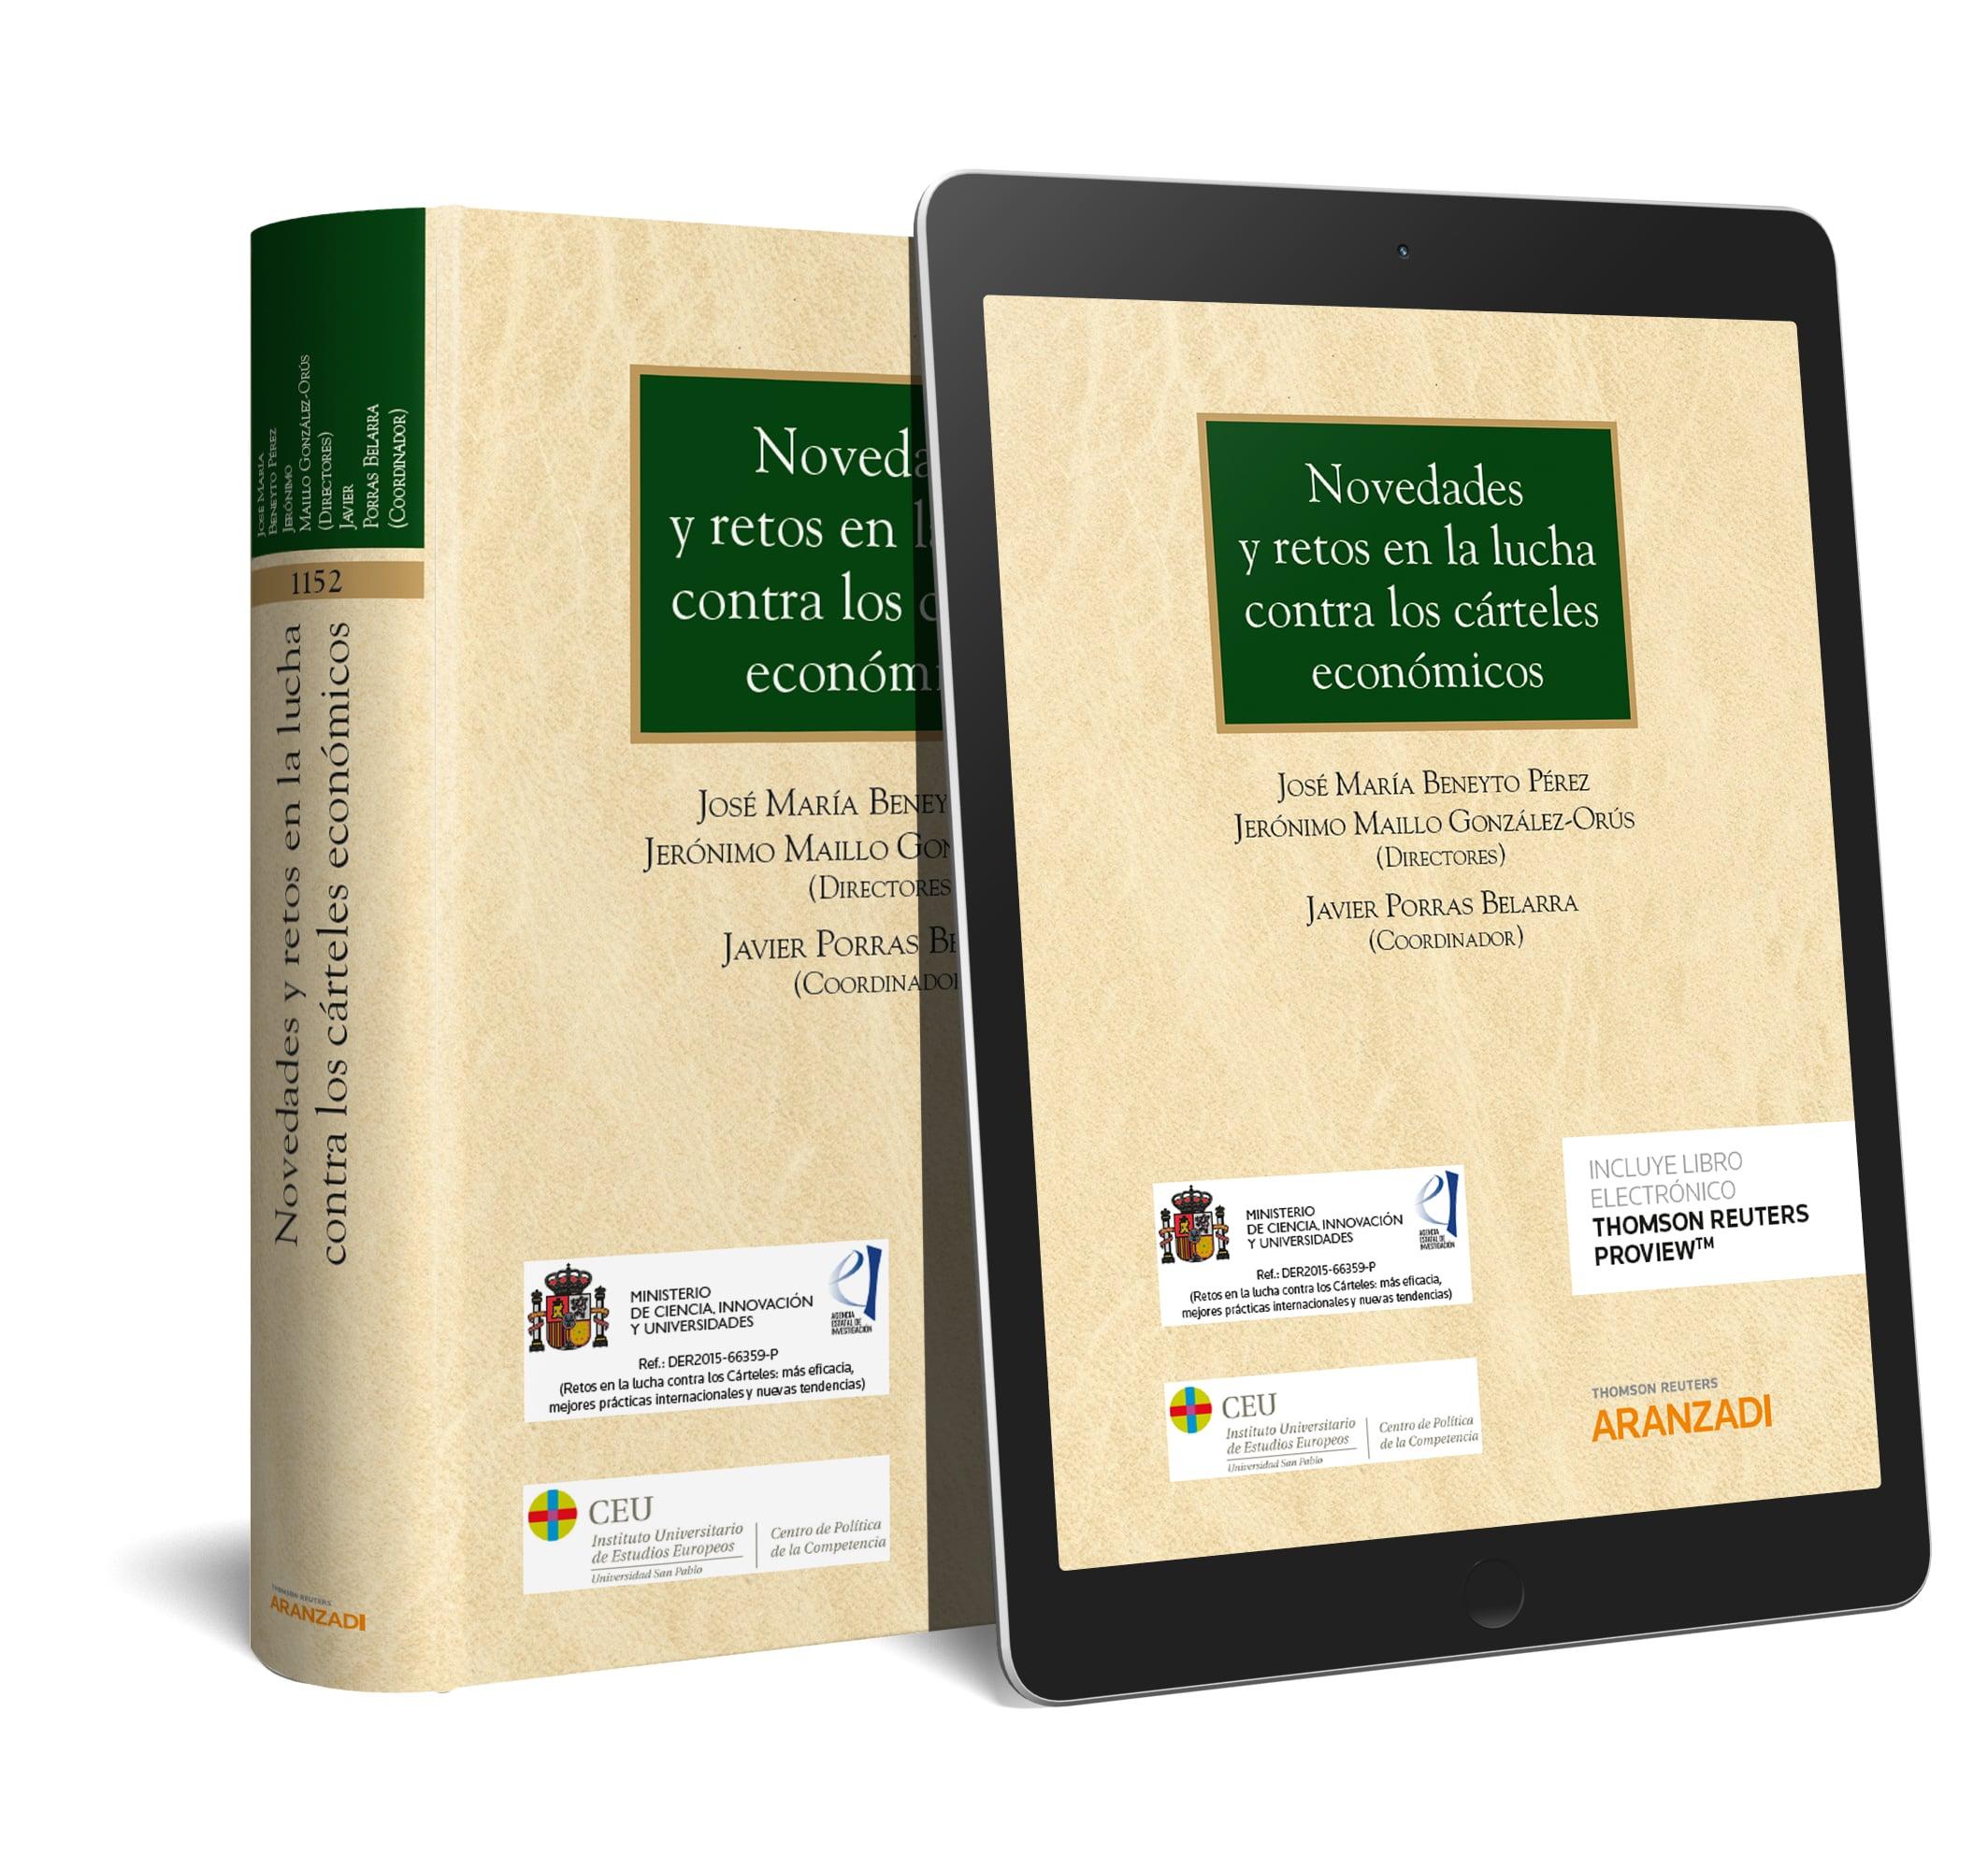 Novedades y retos en la lucha contra los cárteles económicos (DUO